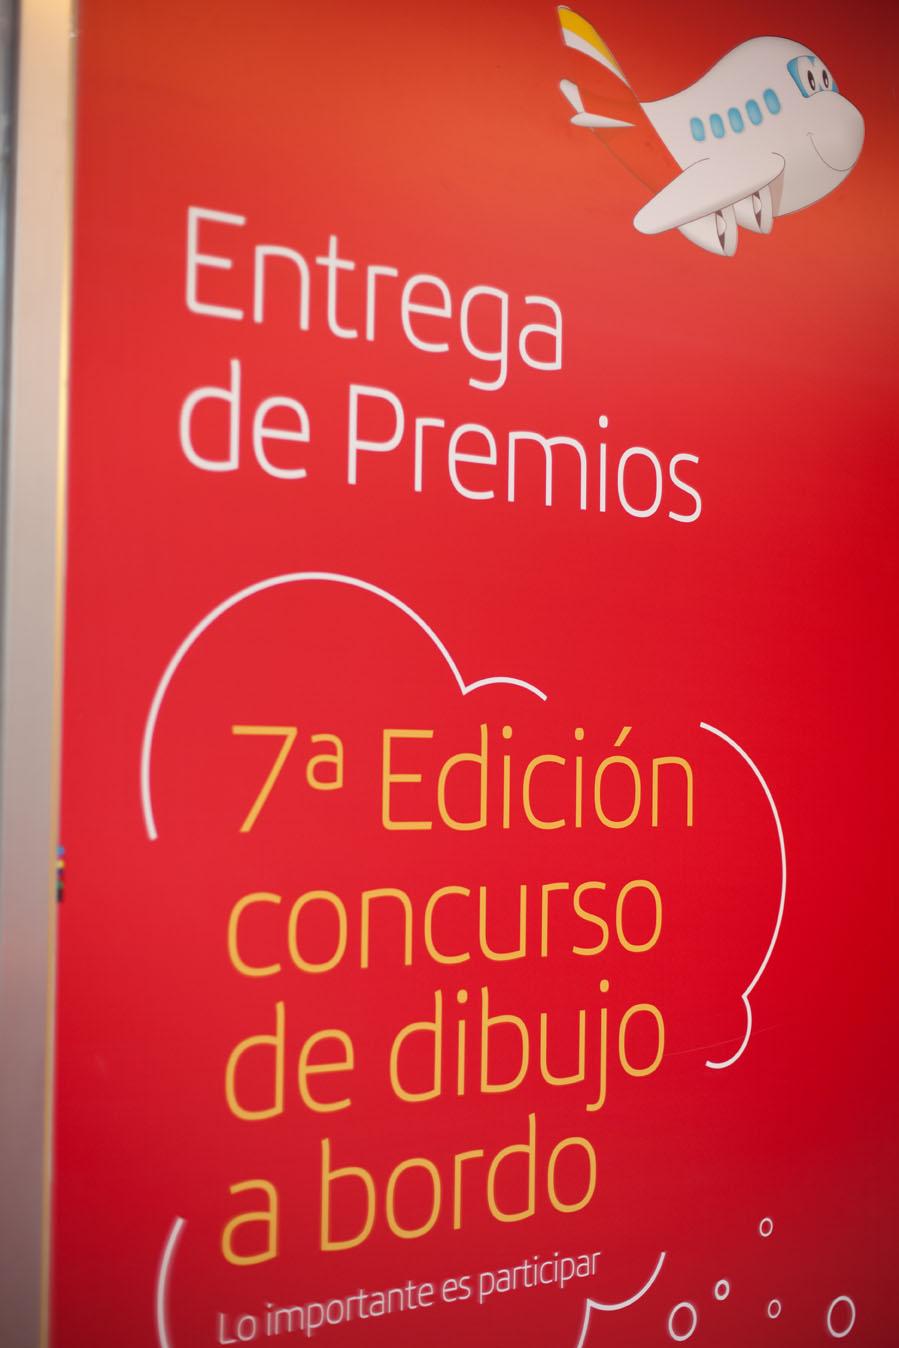 mg 6912 7w - Entrega premios 7ª Edición concurso dibujo a bordo de Iberia